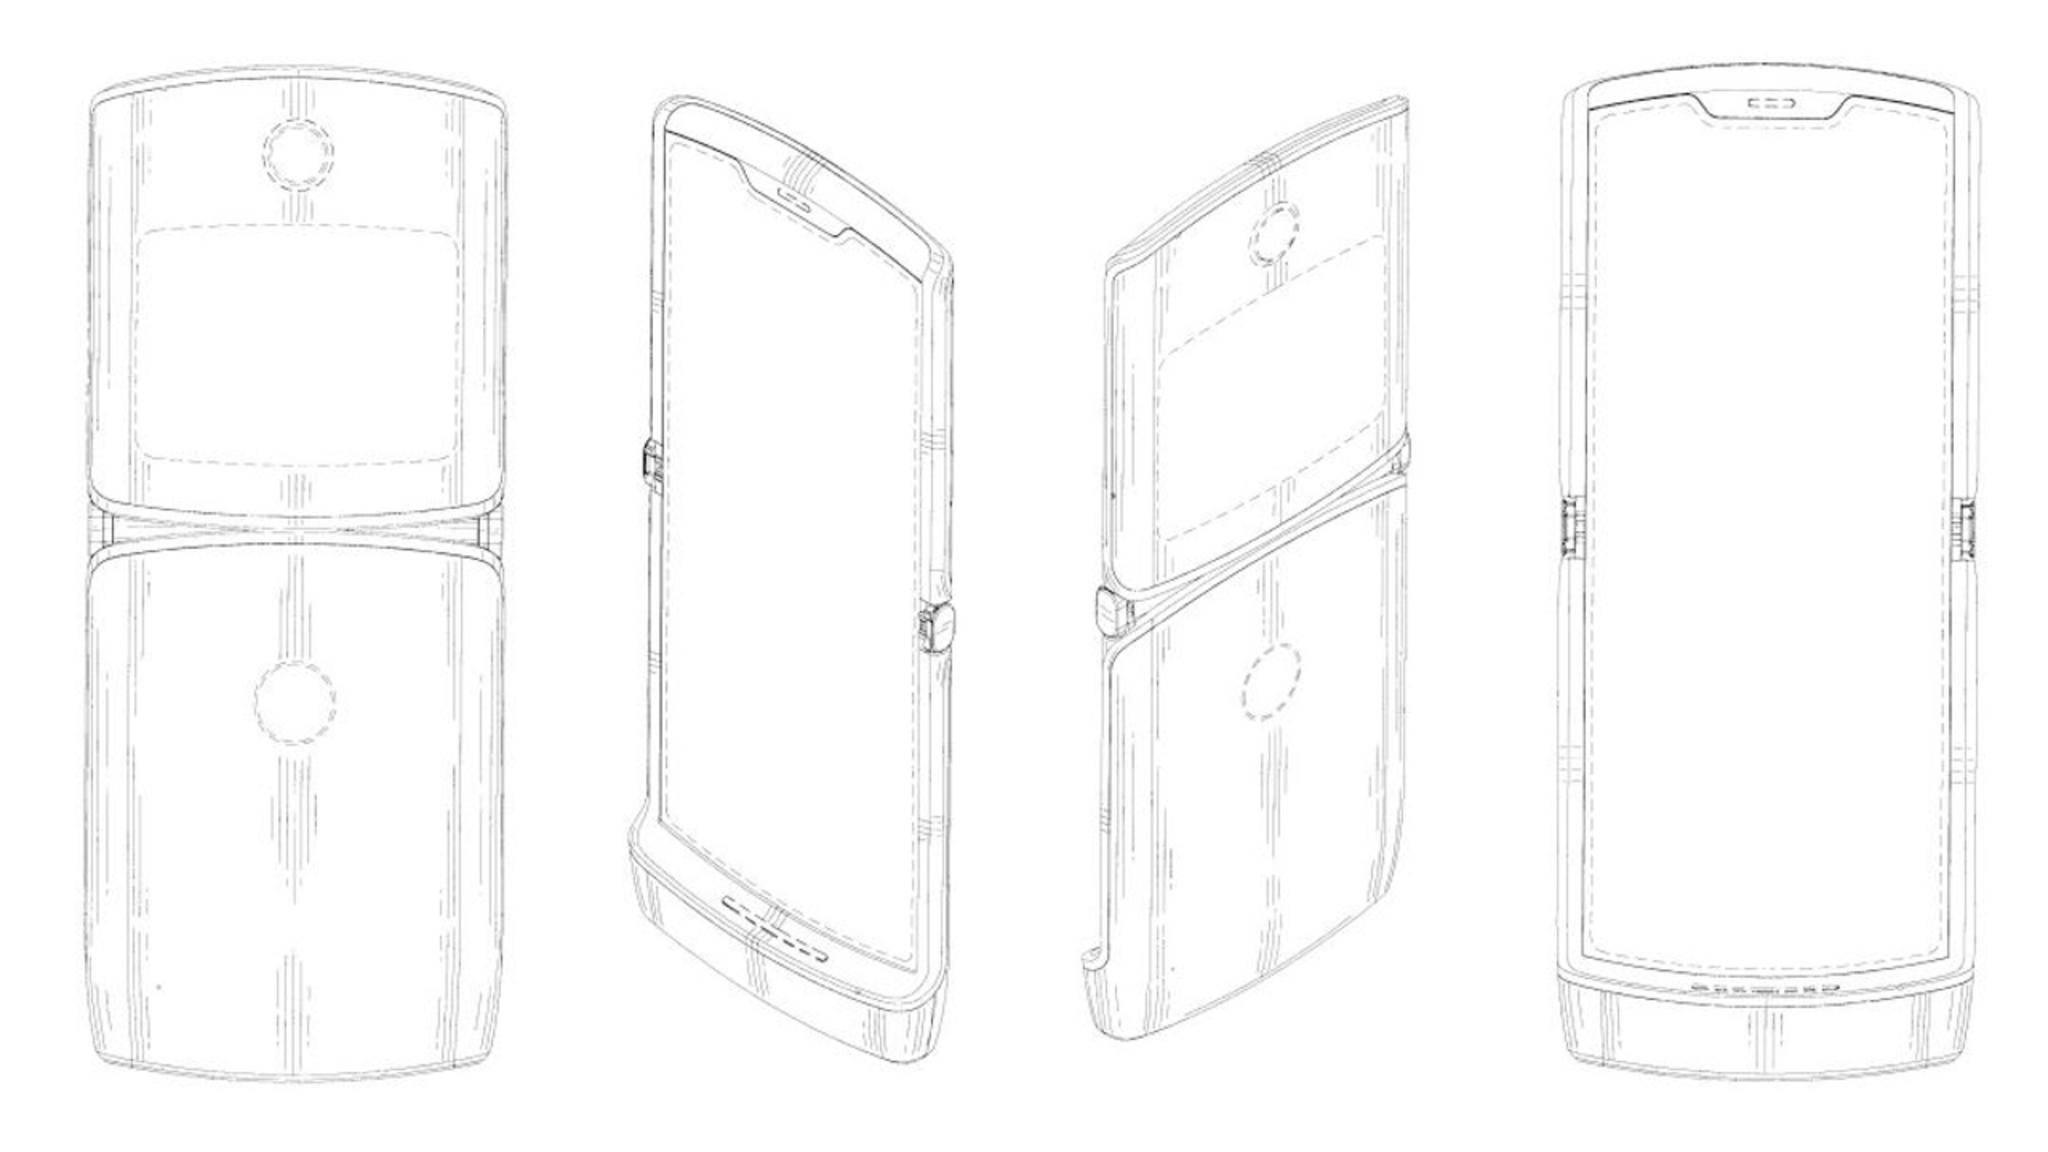 Motorola hat dieses Design seines faltbaren Handys als zutreffend bestätigt.